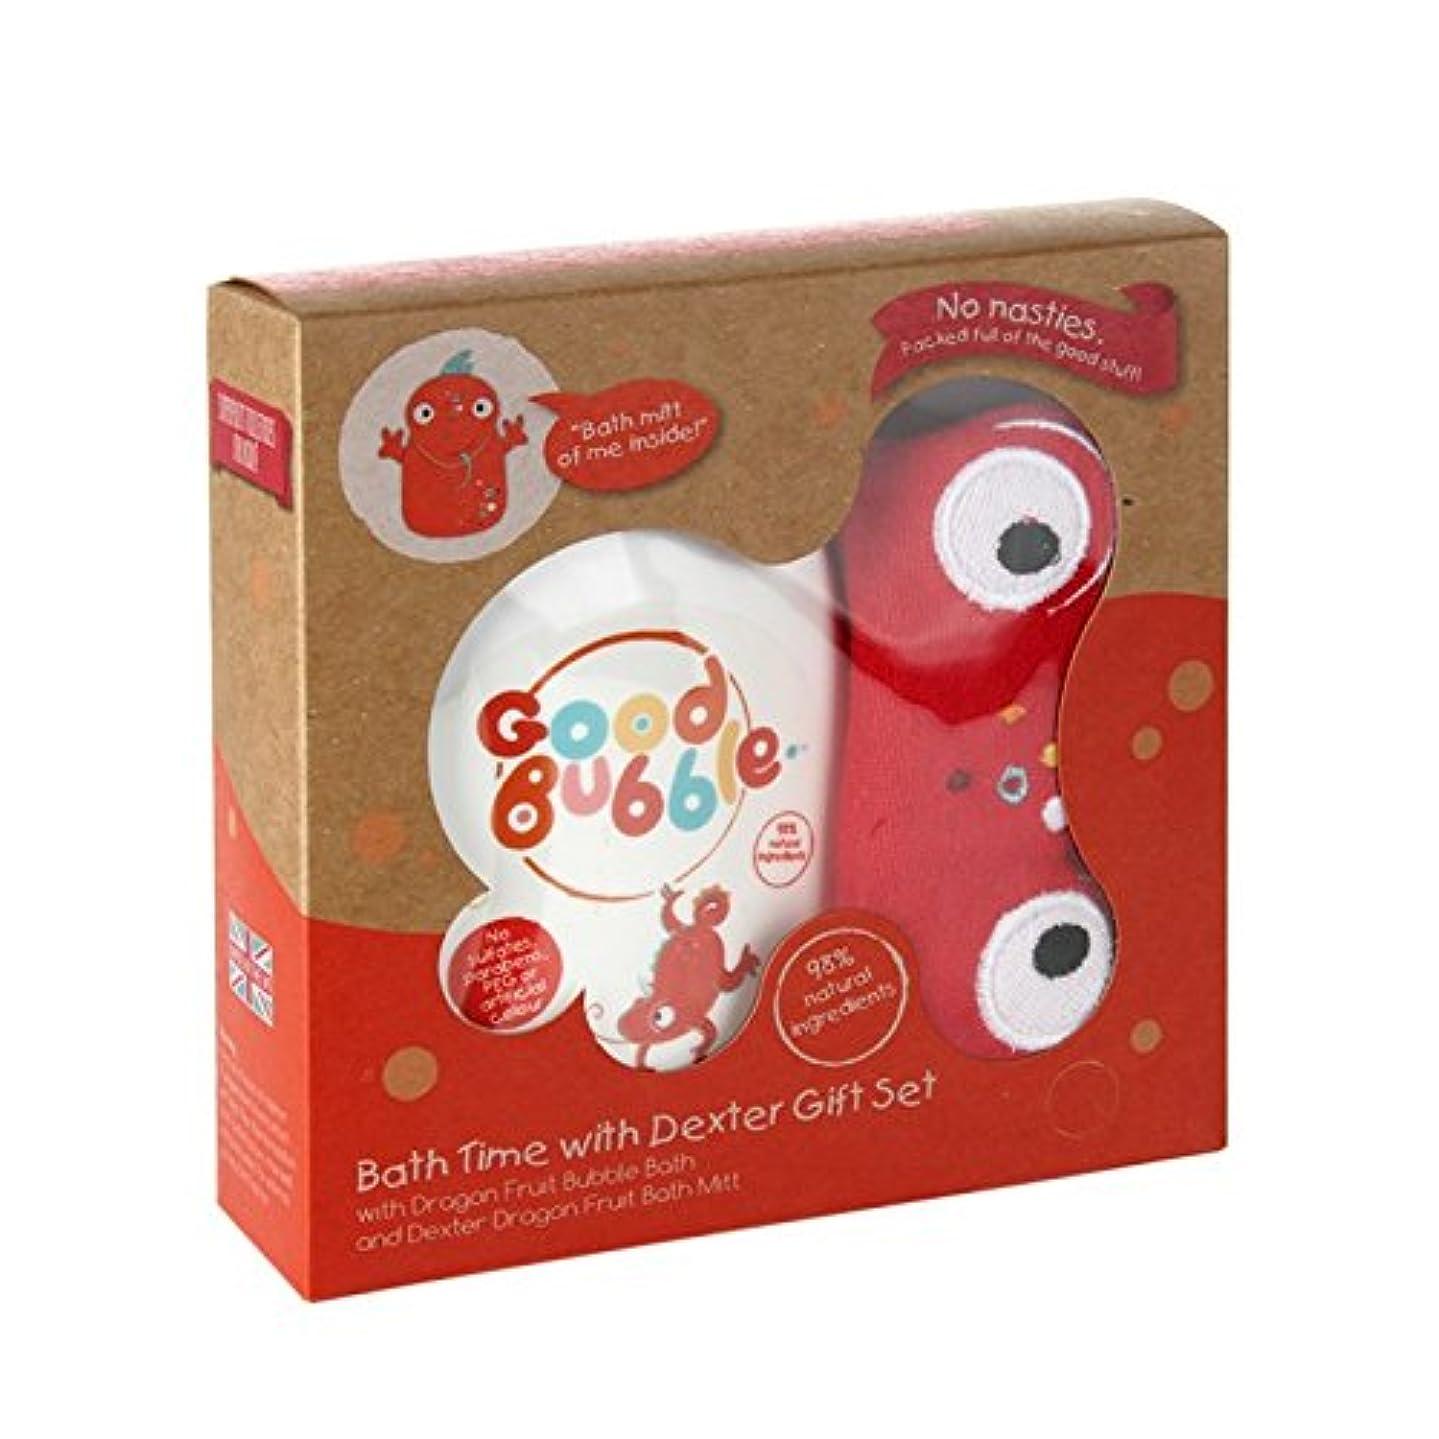 喉頭地味な木曜日良いバブルデクスターDragonfruitギフトセット550グラム - Good Bubble Dexter Dragonfruit Gift Set 550g (Good Bubble) [並行輸入品]